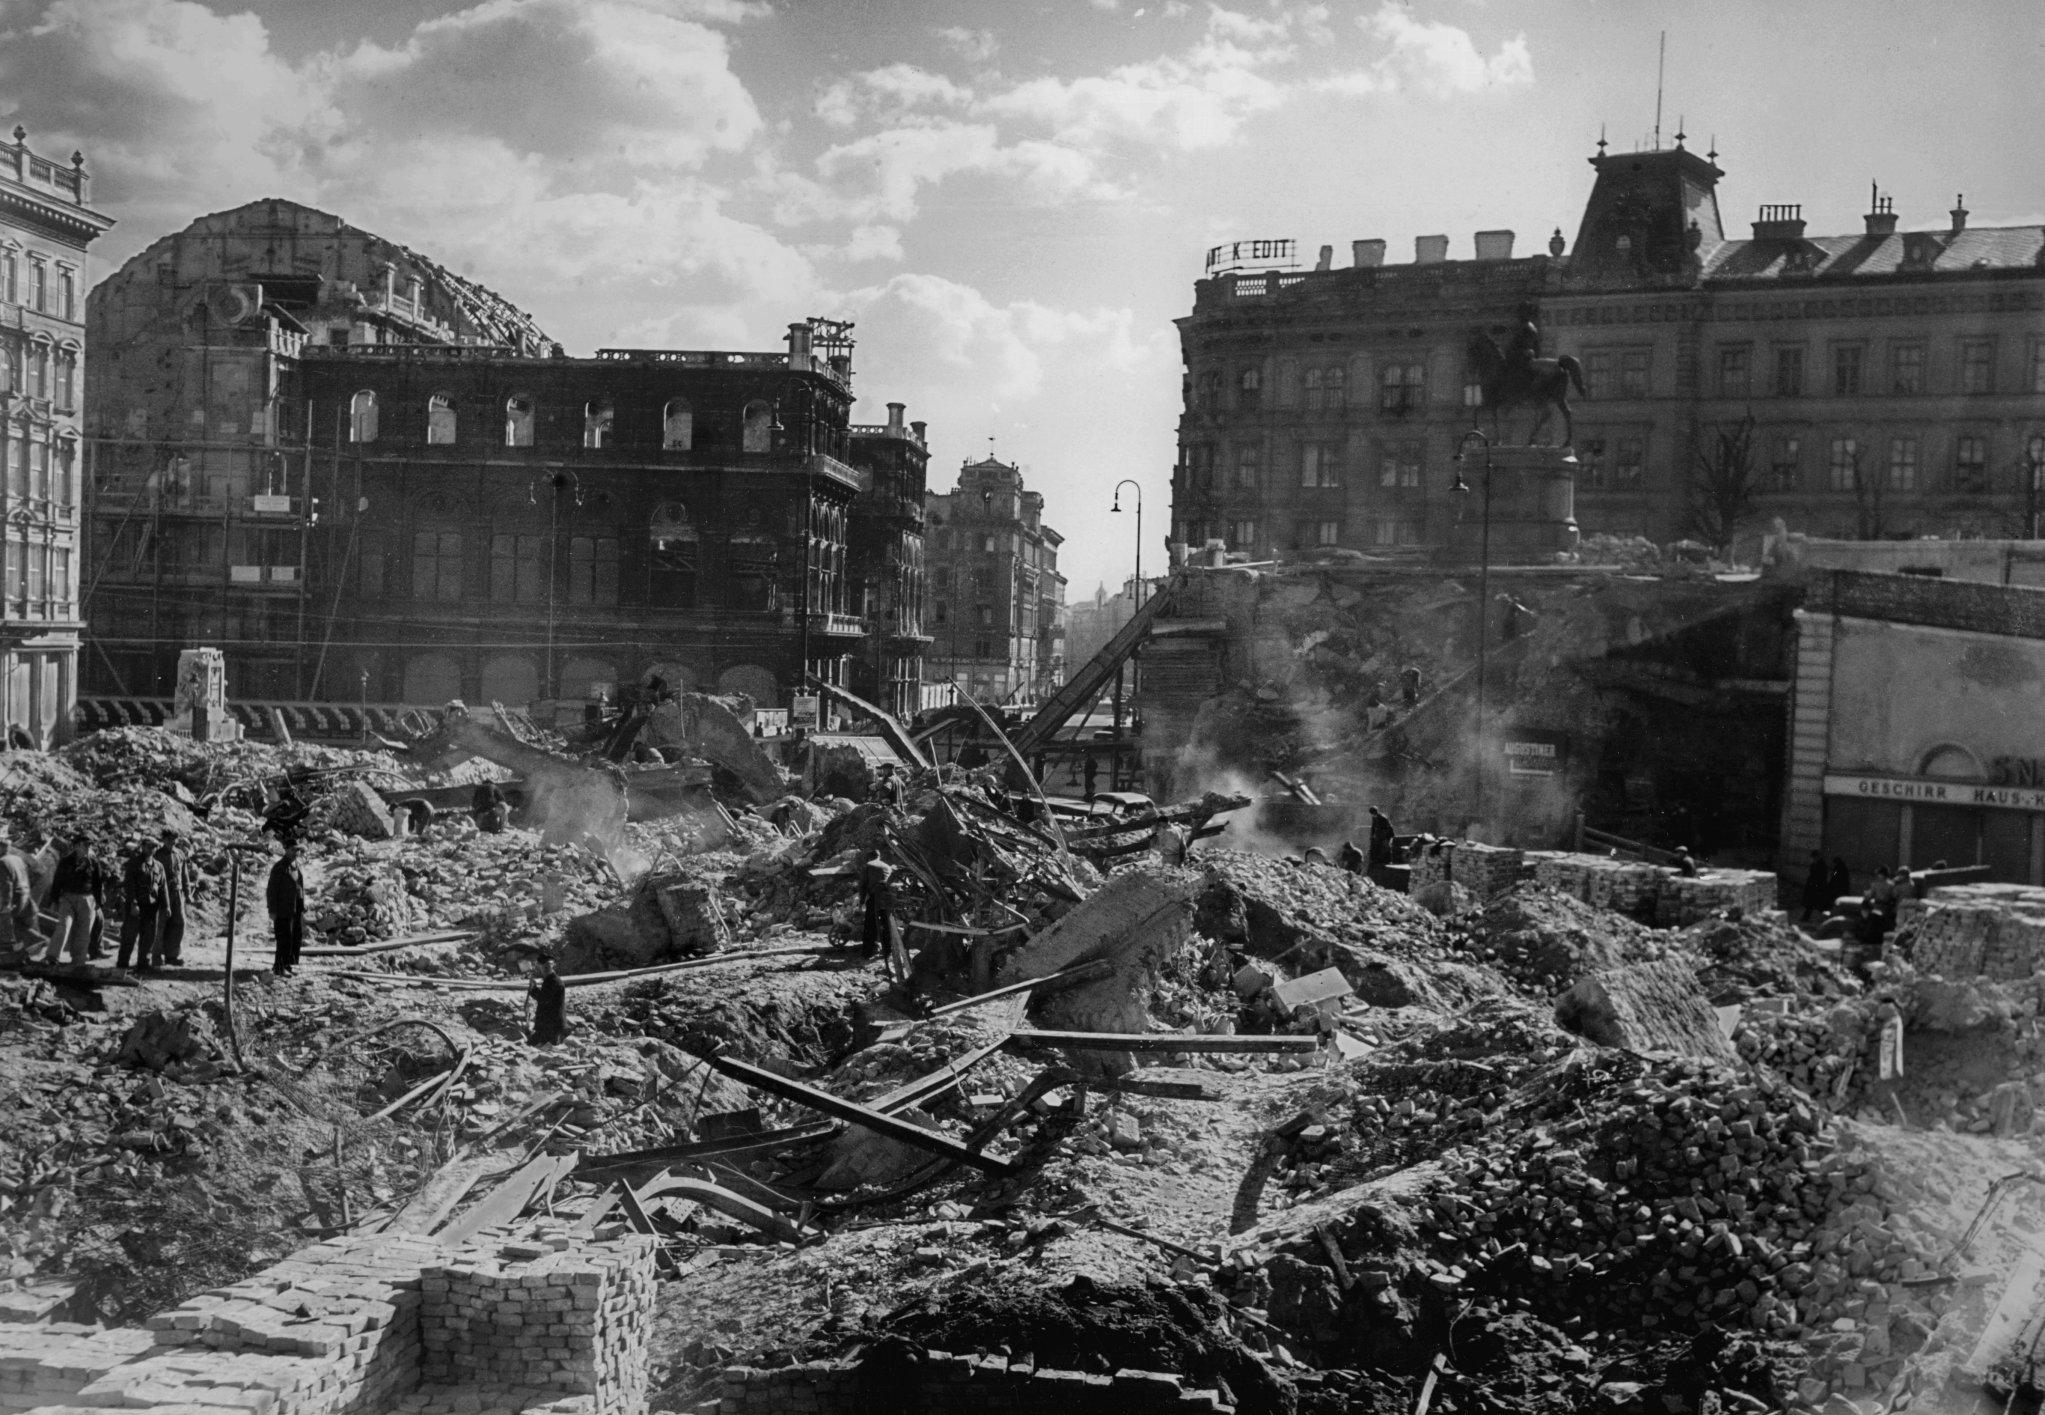 vienna-1945.jpg (2045×1415)